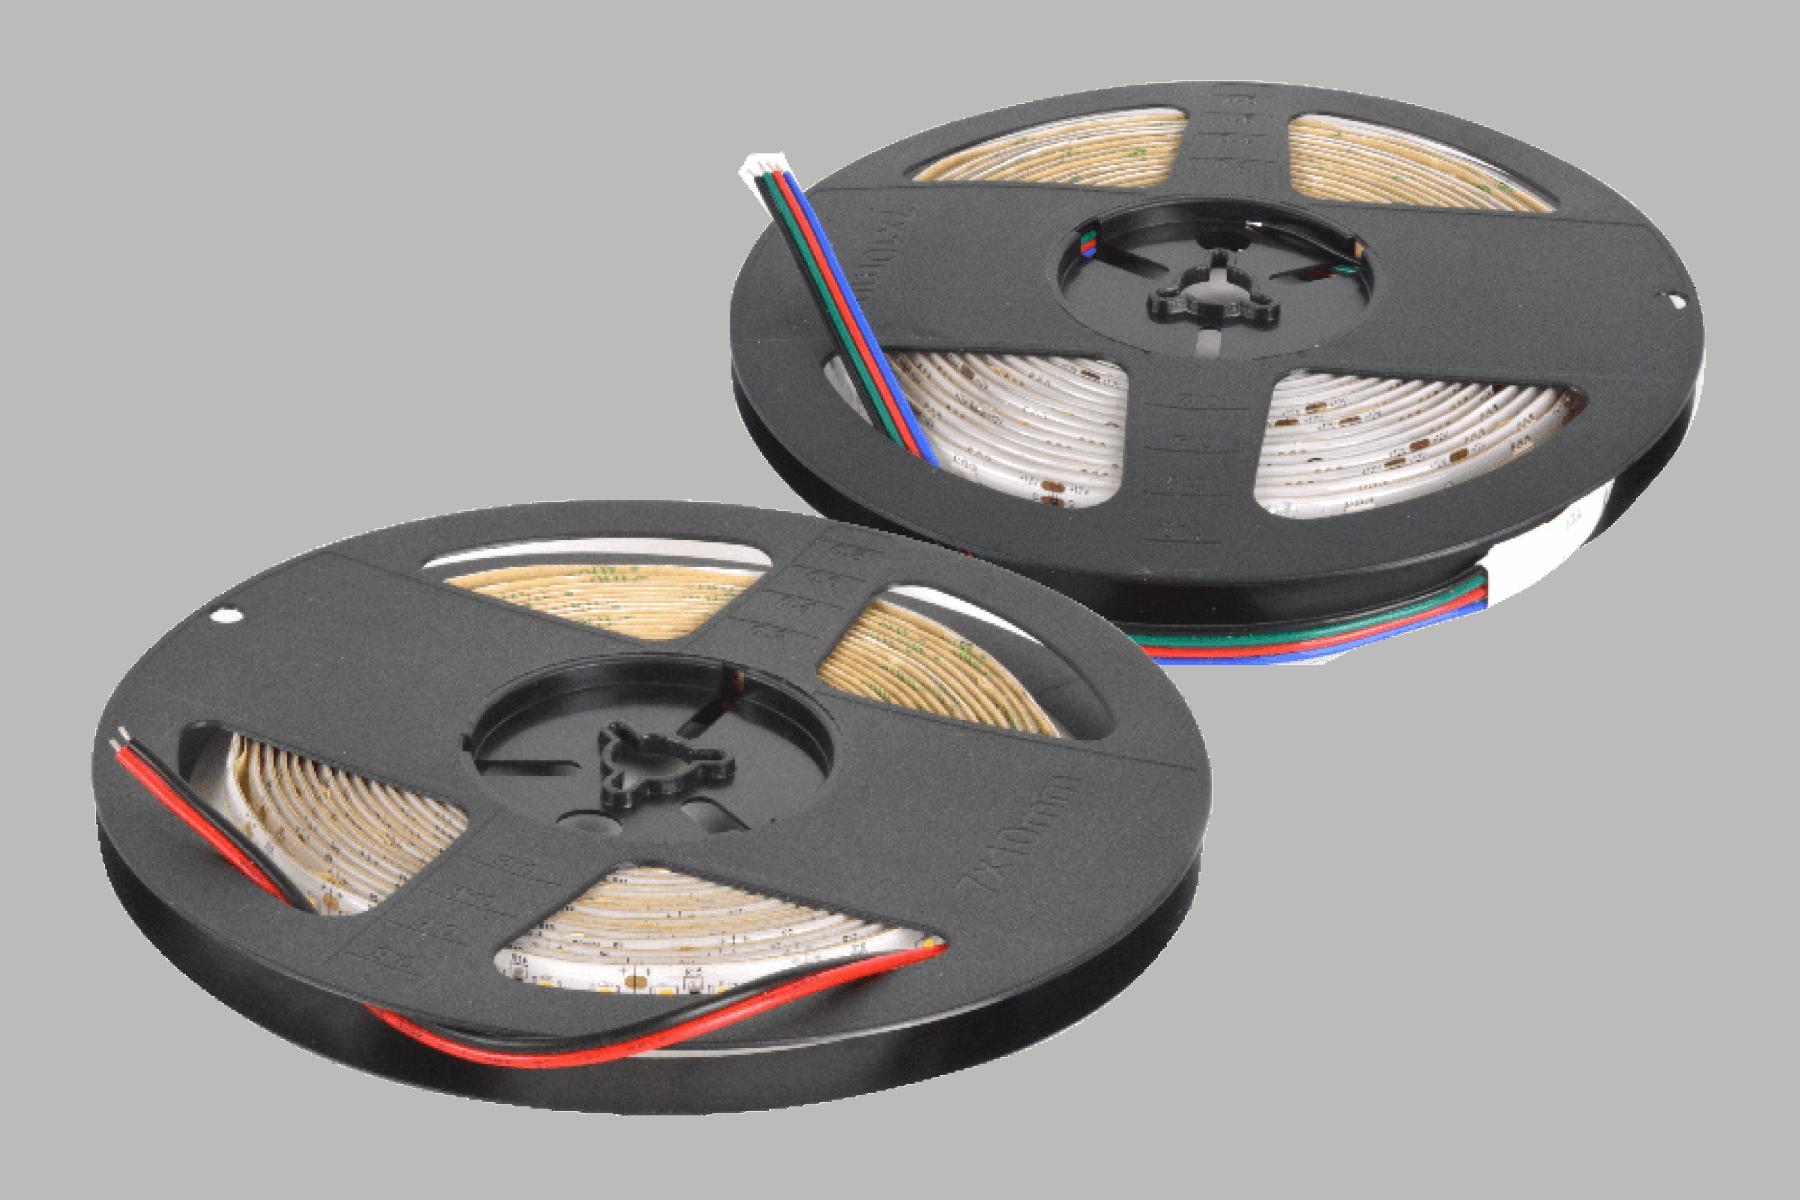 12v Flexible Led Tape Light Zledlighting